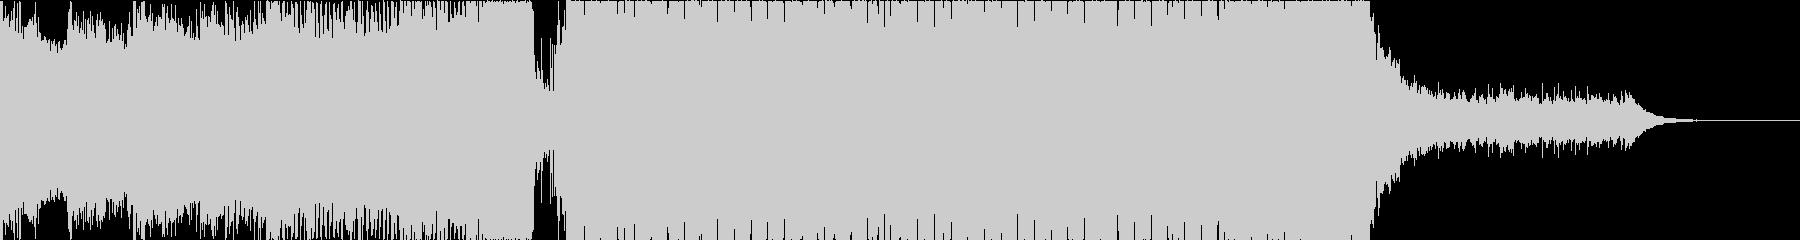 透明感のある和風プログレッシブハウス新Bの未再生の波形